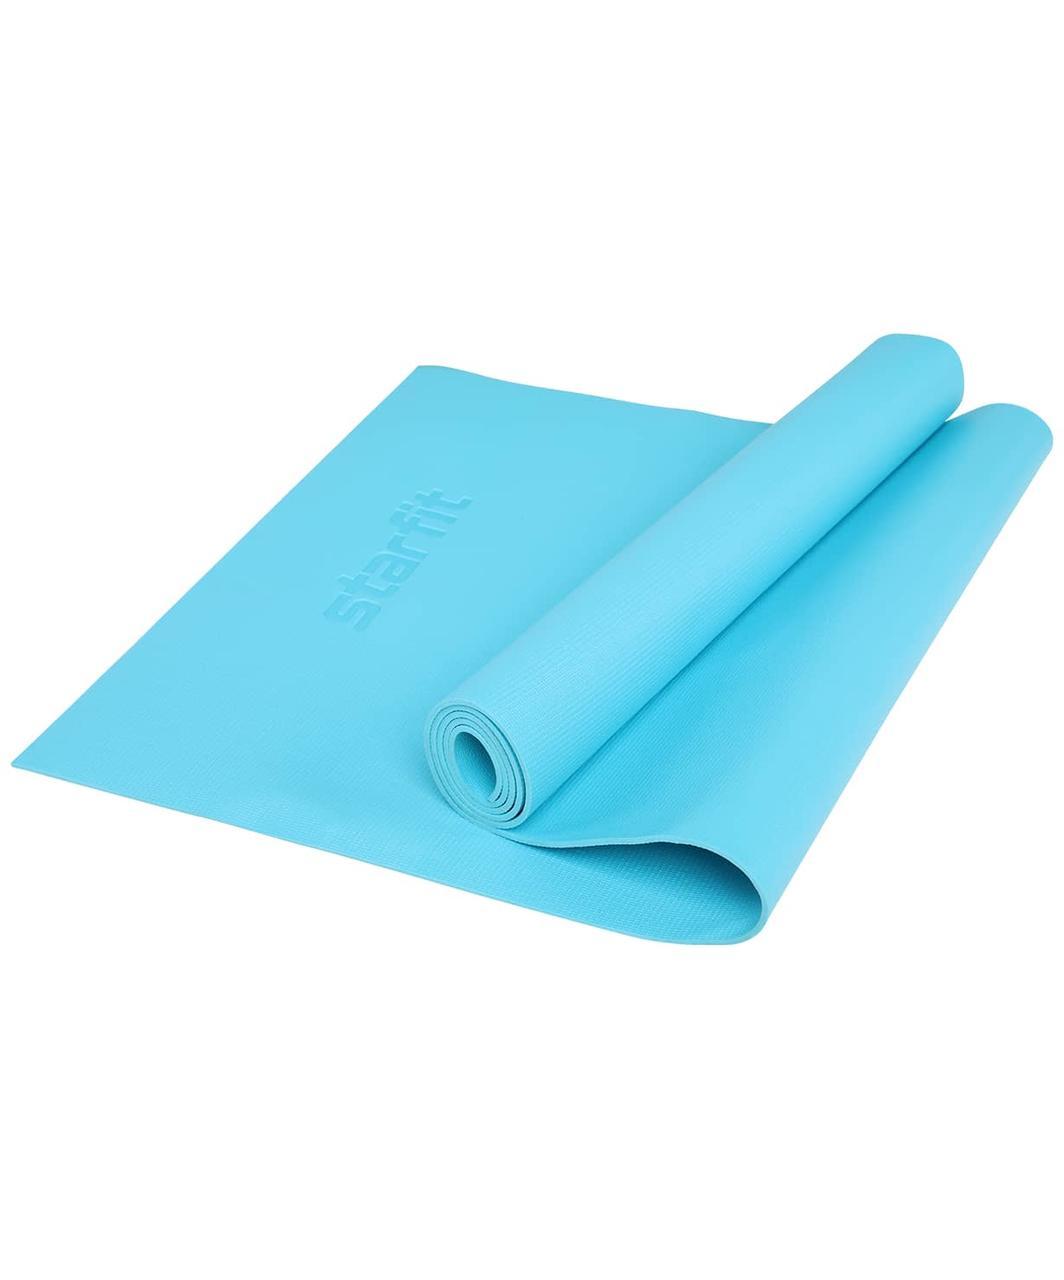 Коврик для йоги FM-103, PVC HD, 173 x 61 x 0,4 см, голубой Starfit